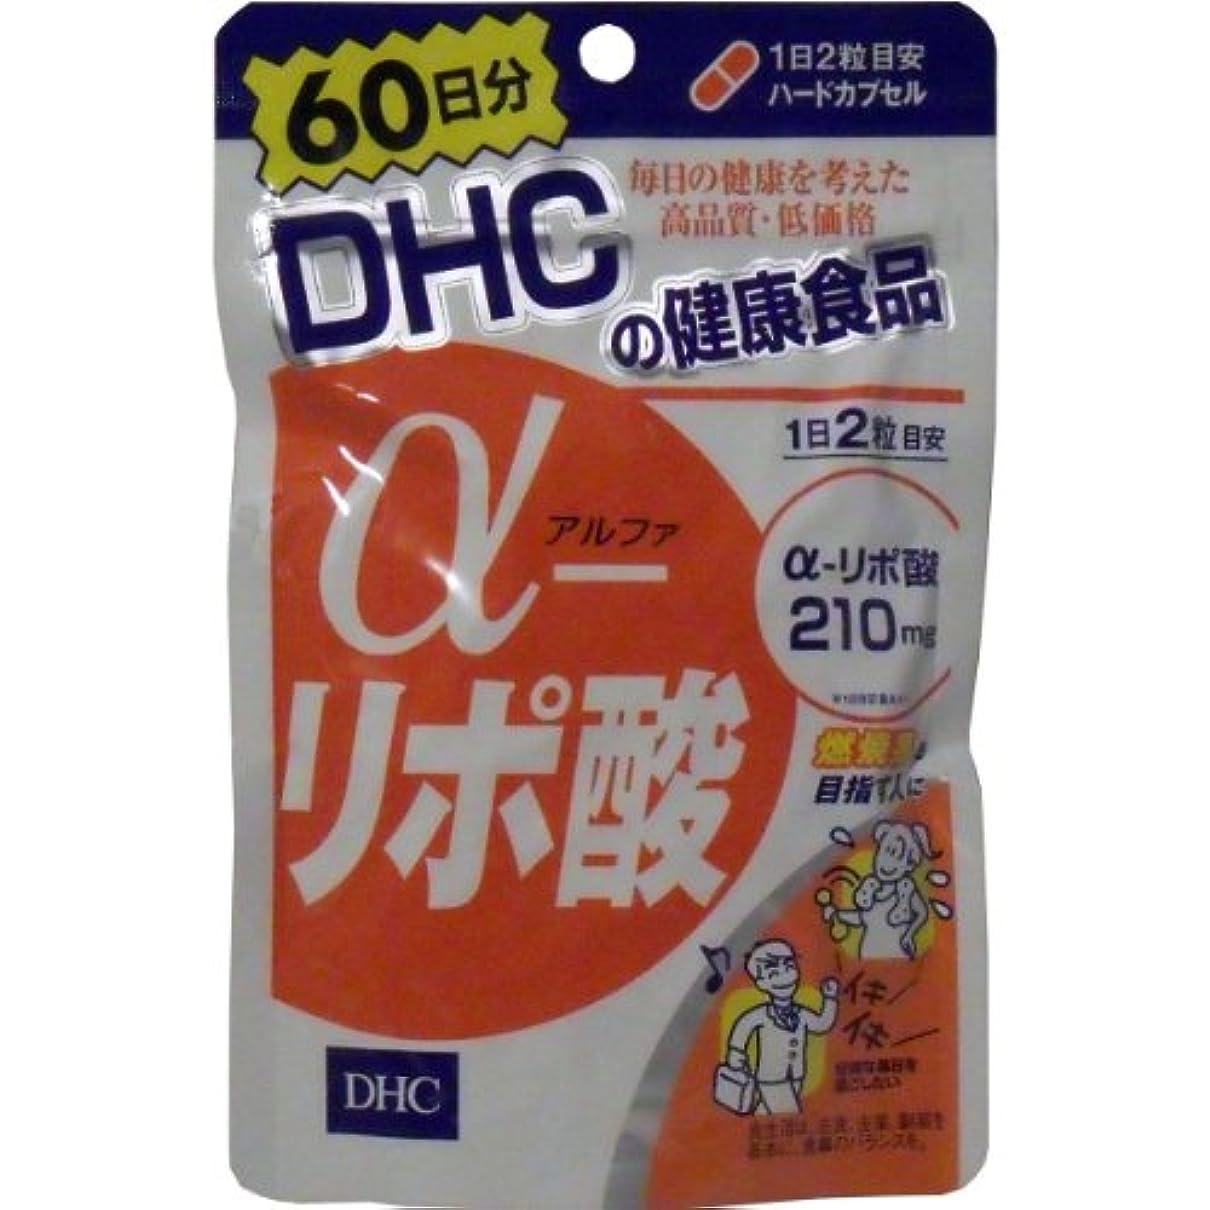 スリル旅行者地下α-リポ酸は、もともと体内にあるエネルギー活性成分。サプリメントでの効率的な補給がおすすめ!DHC120粒 60日分 【2個セット】